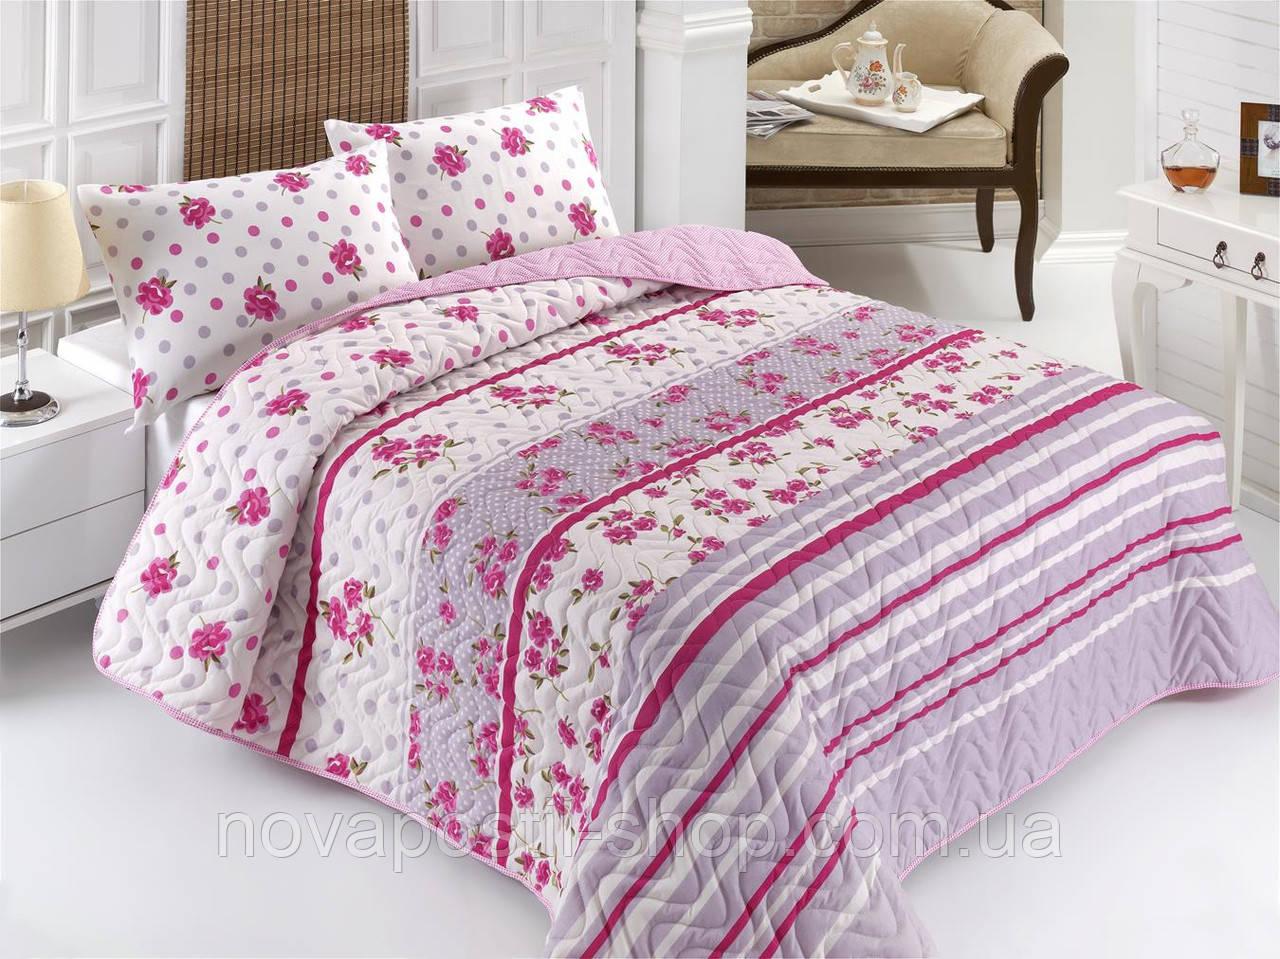 Покрывало с наволочками Eponj Home LENA розовый 200*220